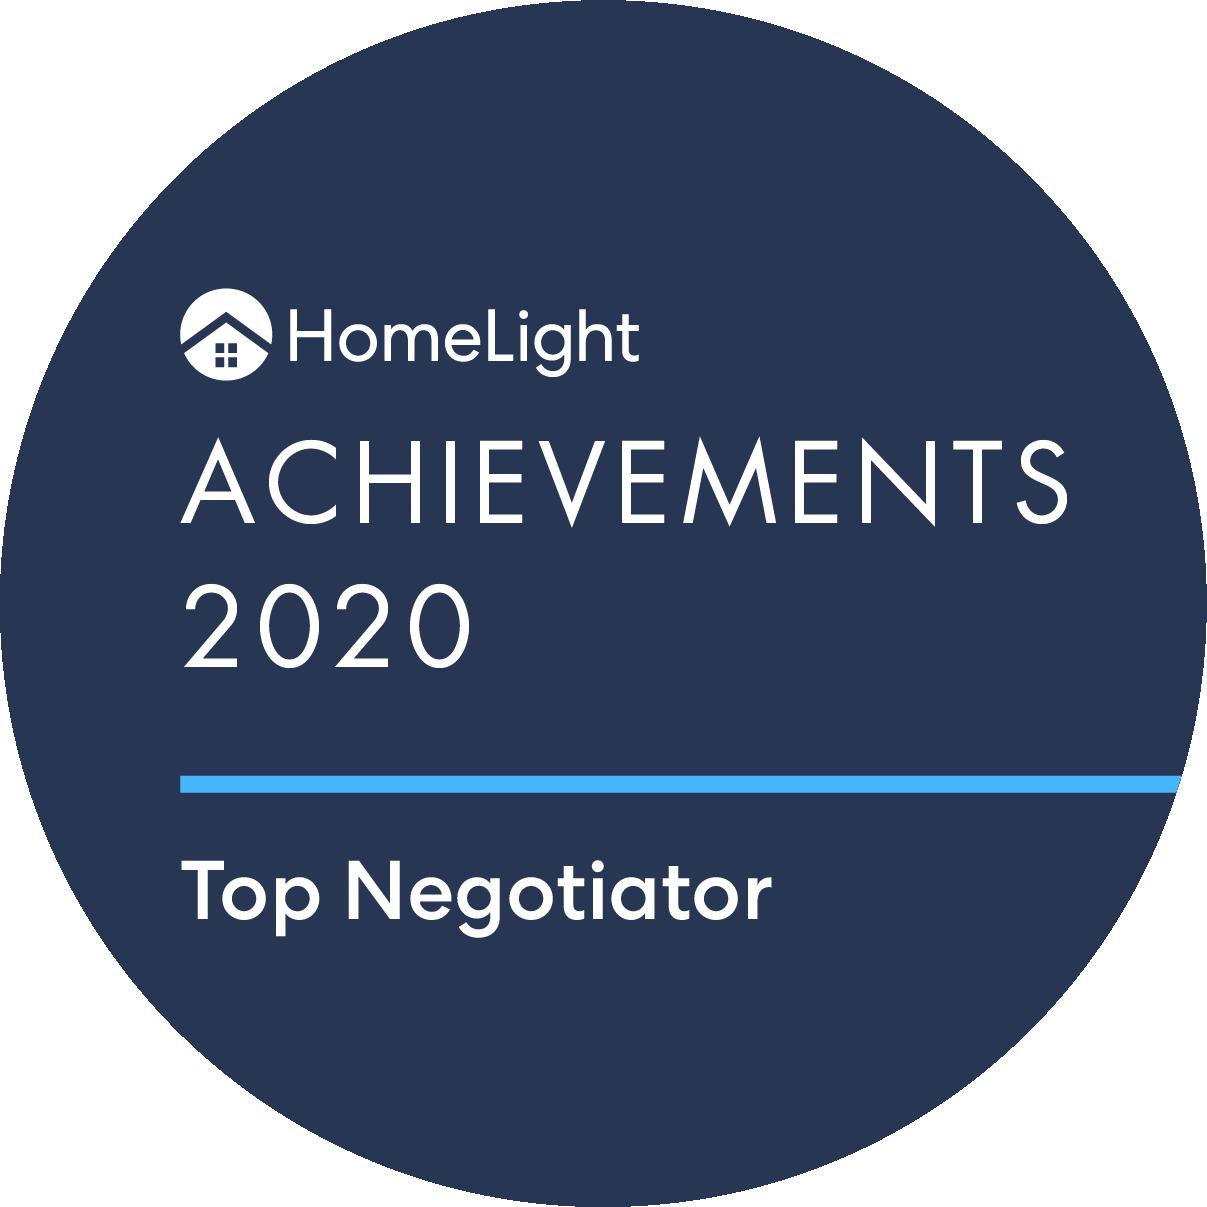 HomeLight Achievement Winner - Dina Rich - Top Texas Real Estate Agent